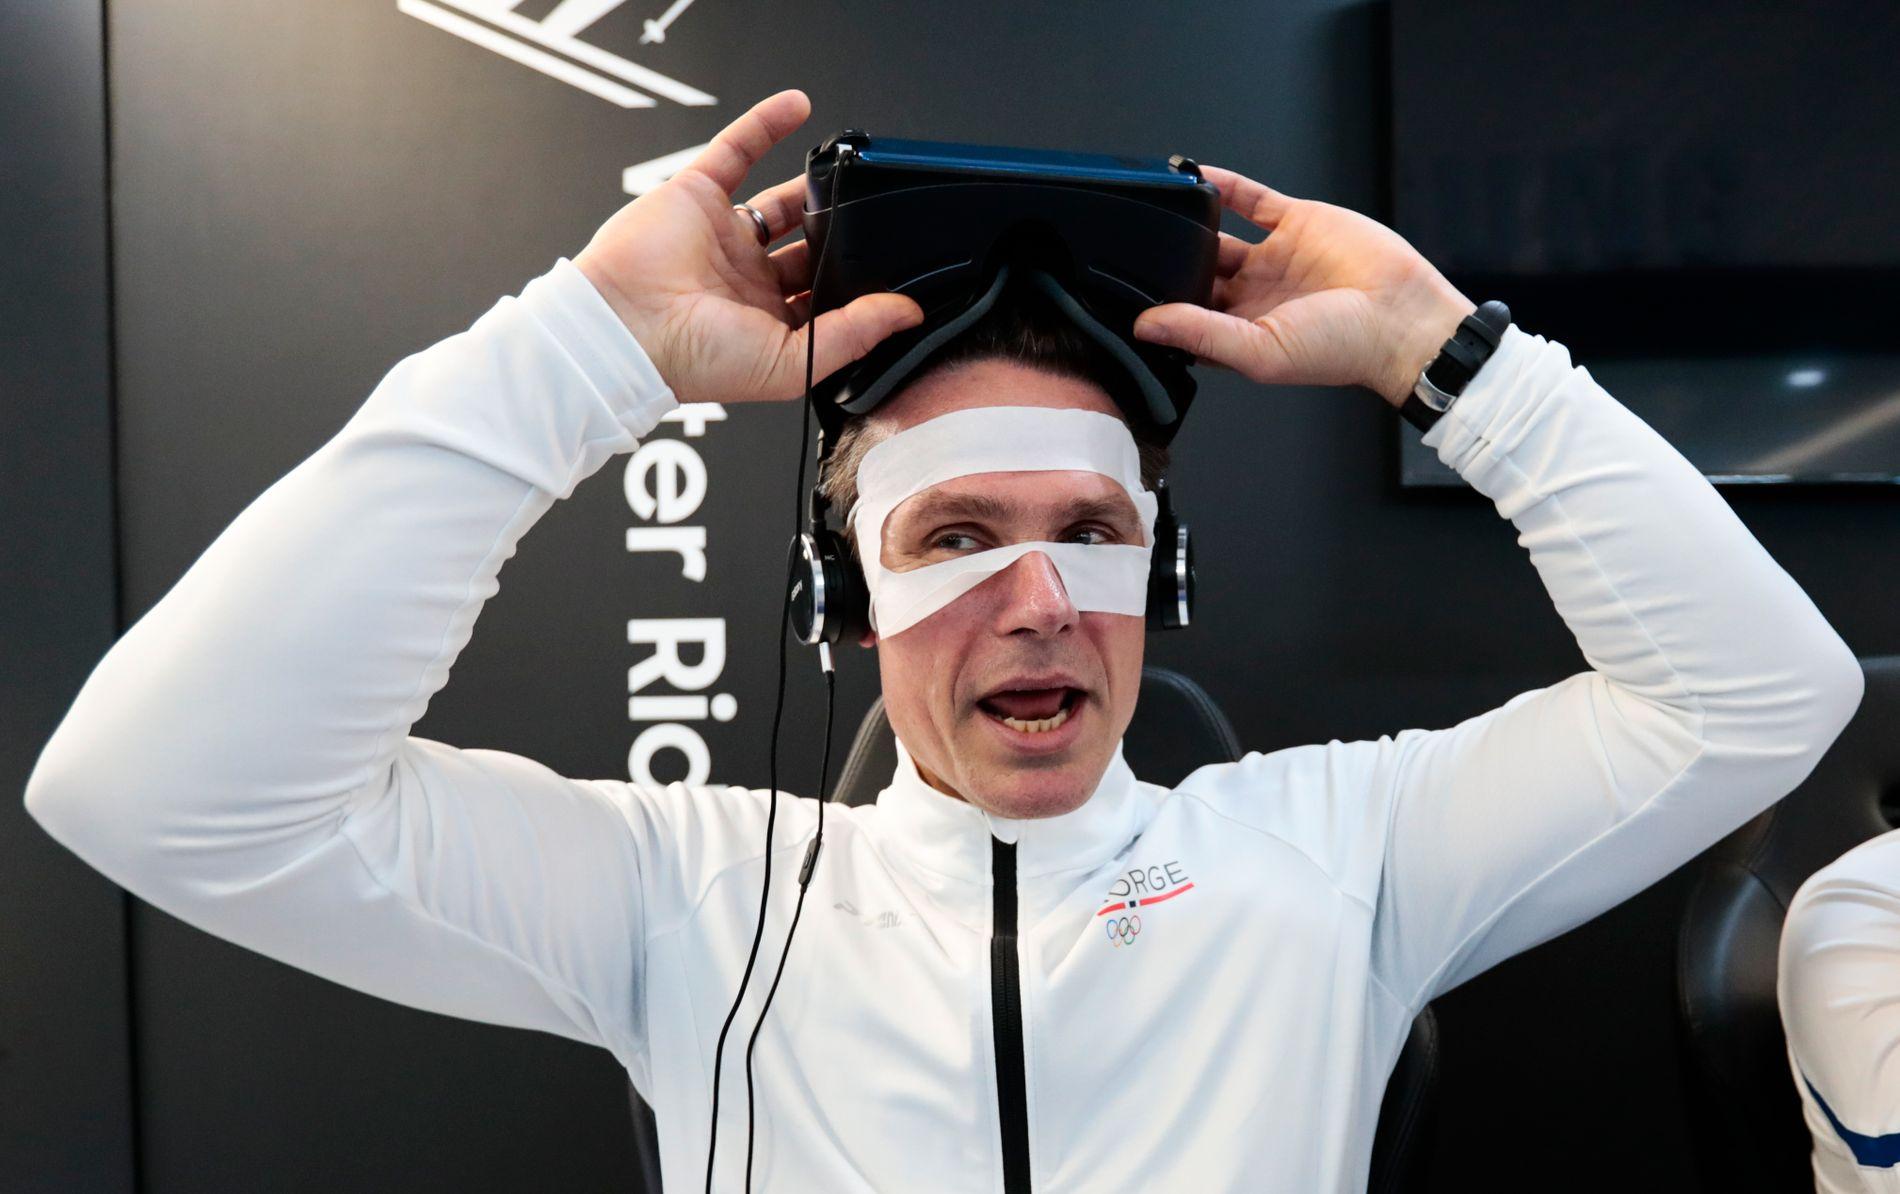 CYBER-ULSRUD: Norges skip Thomas Ulsrud (46) lekte seg med avansert teknologi i forbindelse med det norske curlinglagets pressetreff mandag.